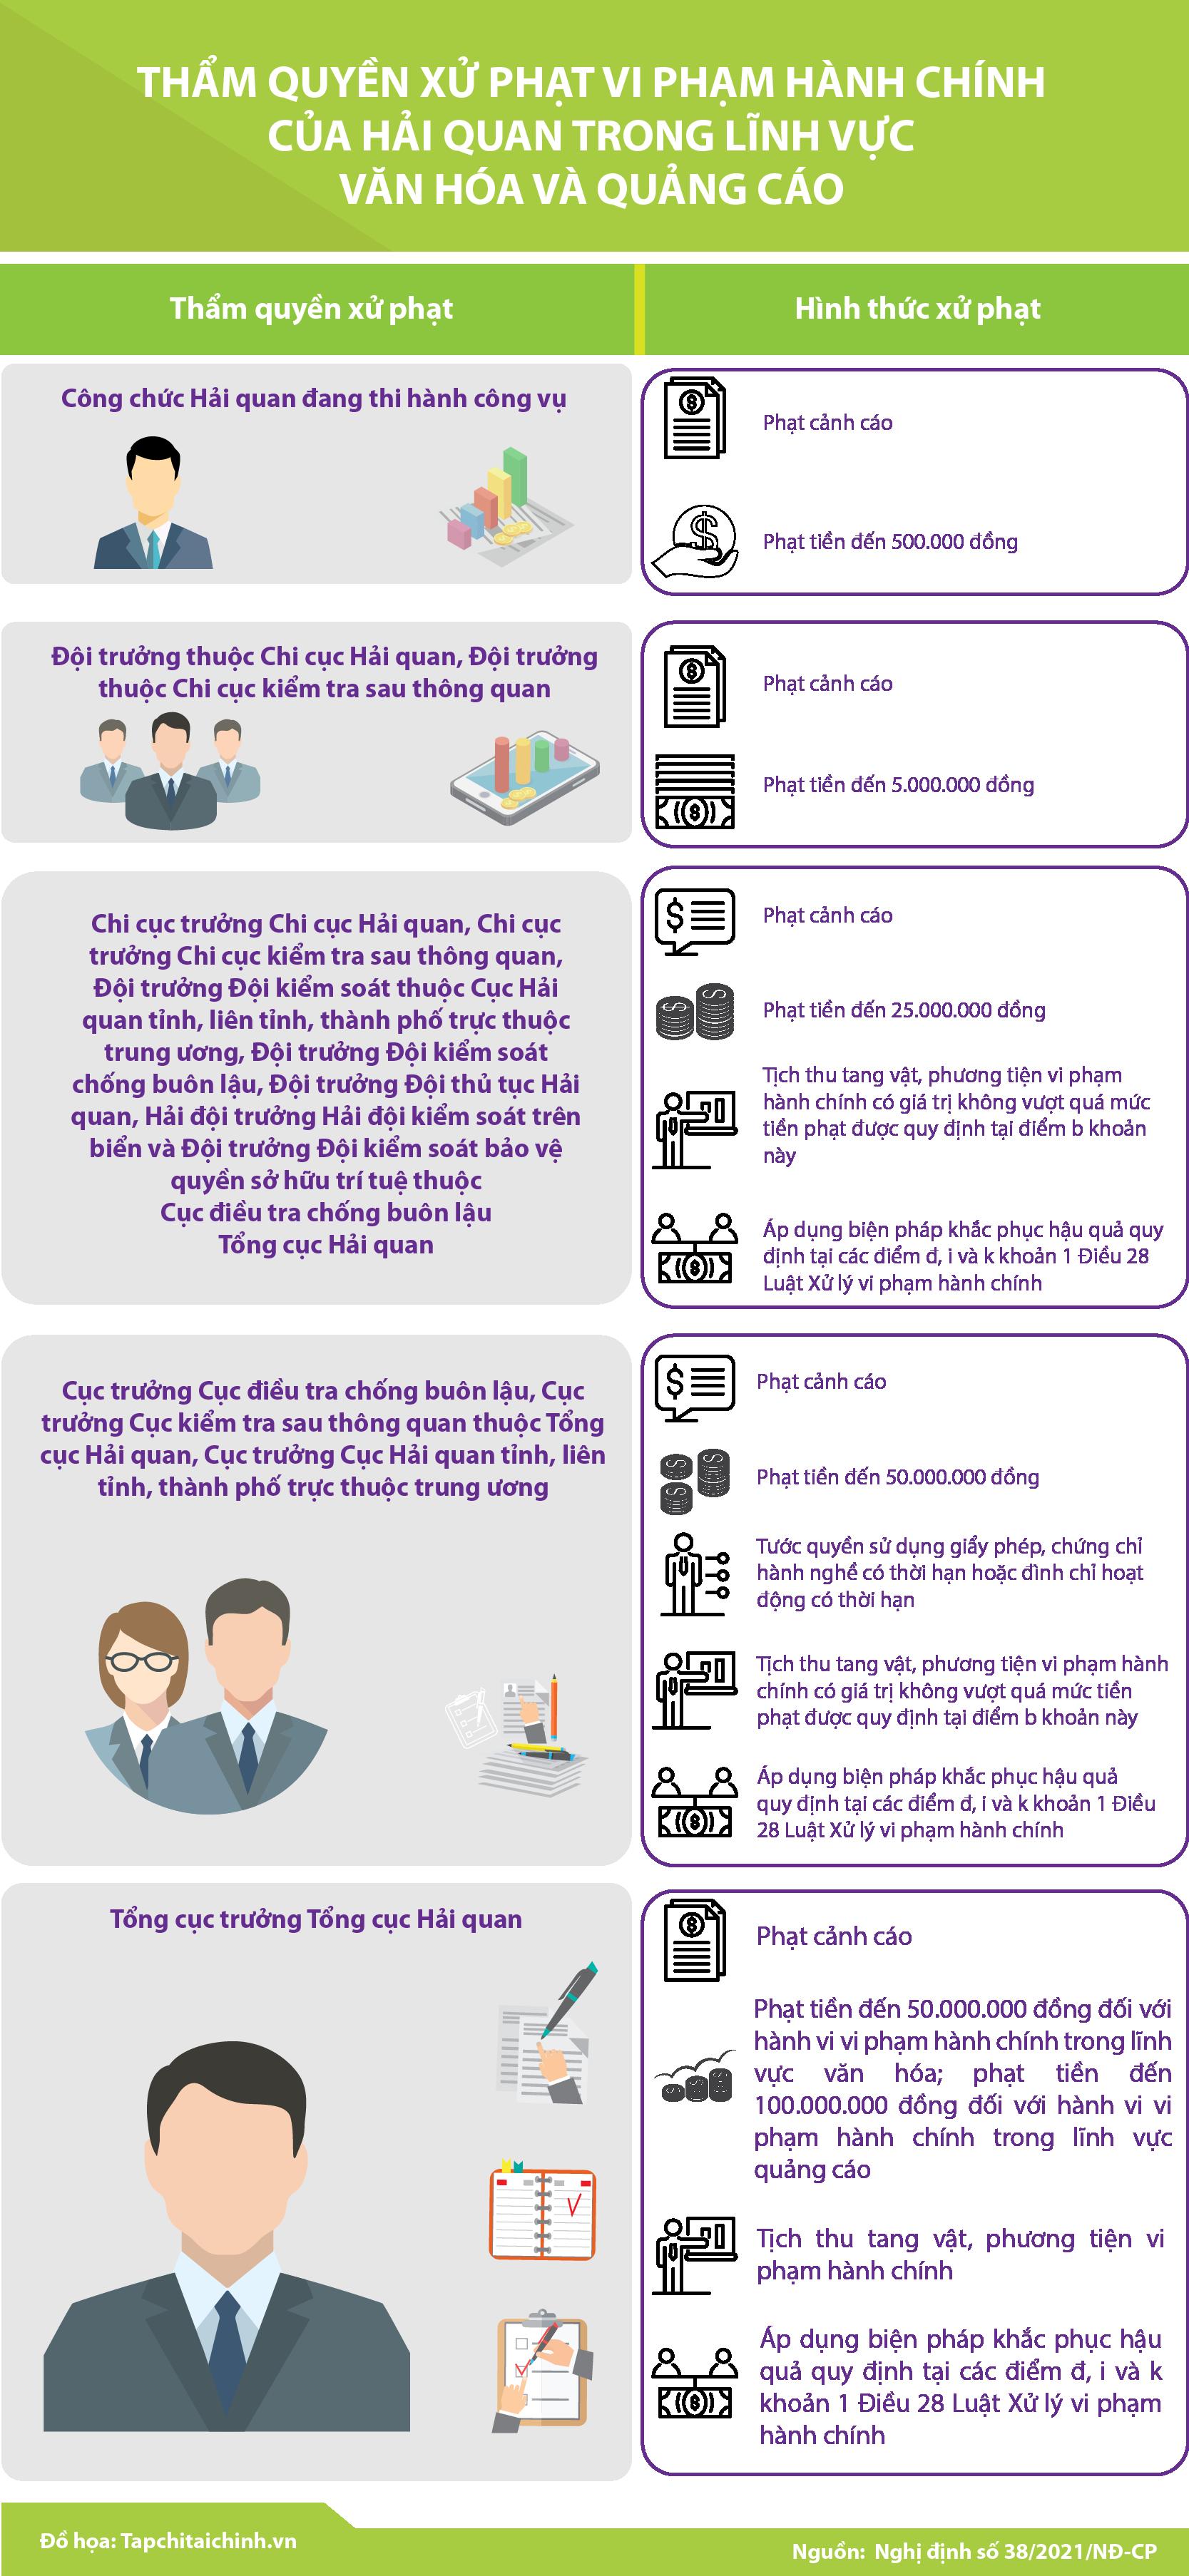 [Infographic] Thẩm quyền xử phạt vi phạm hành chính của hải quan trong lĩnh vực văn hóa và quảng cáo - Ảnh 1